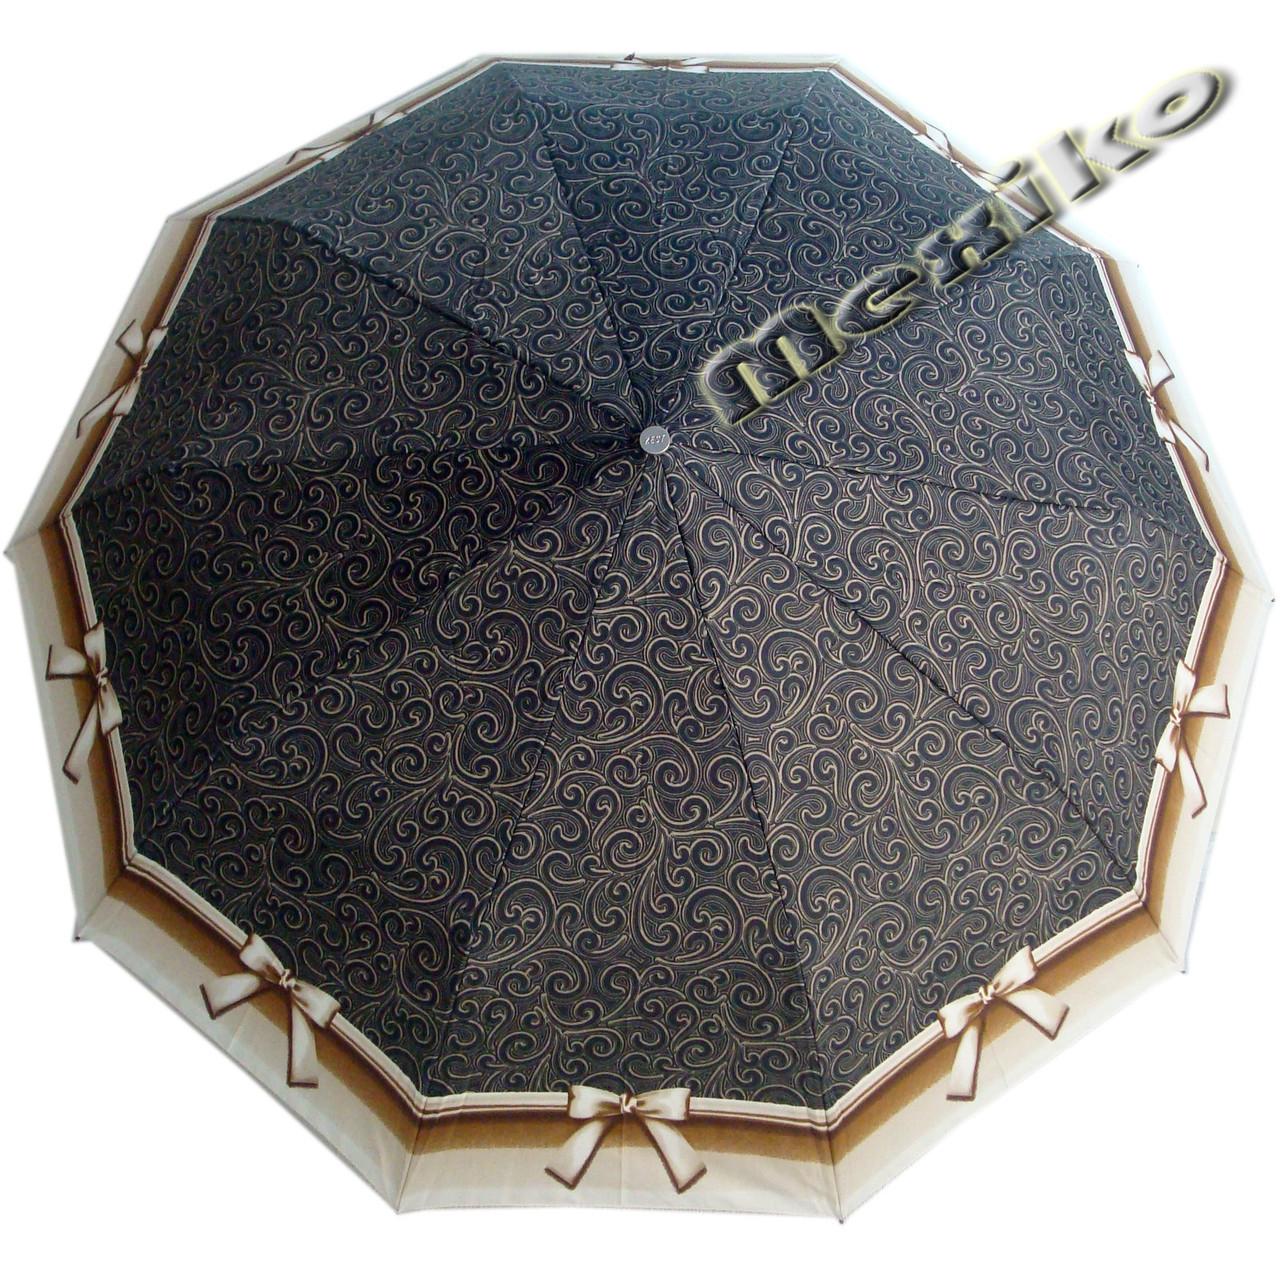 Зонт ZEST, полуавтомат серия 10 спиц, расцветка Бантик